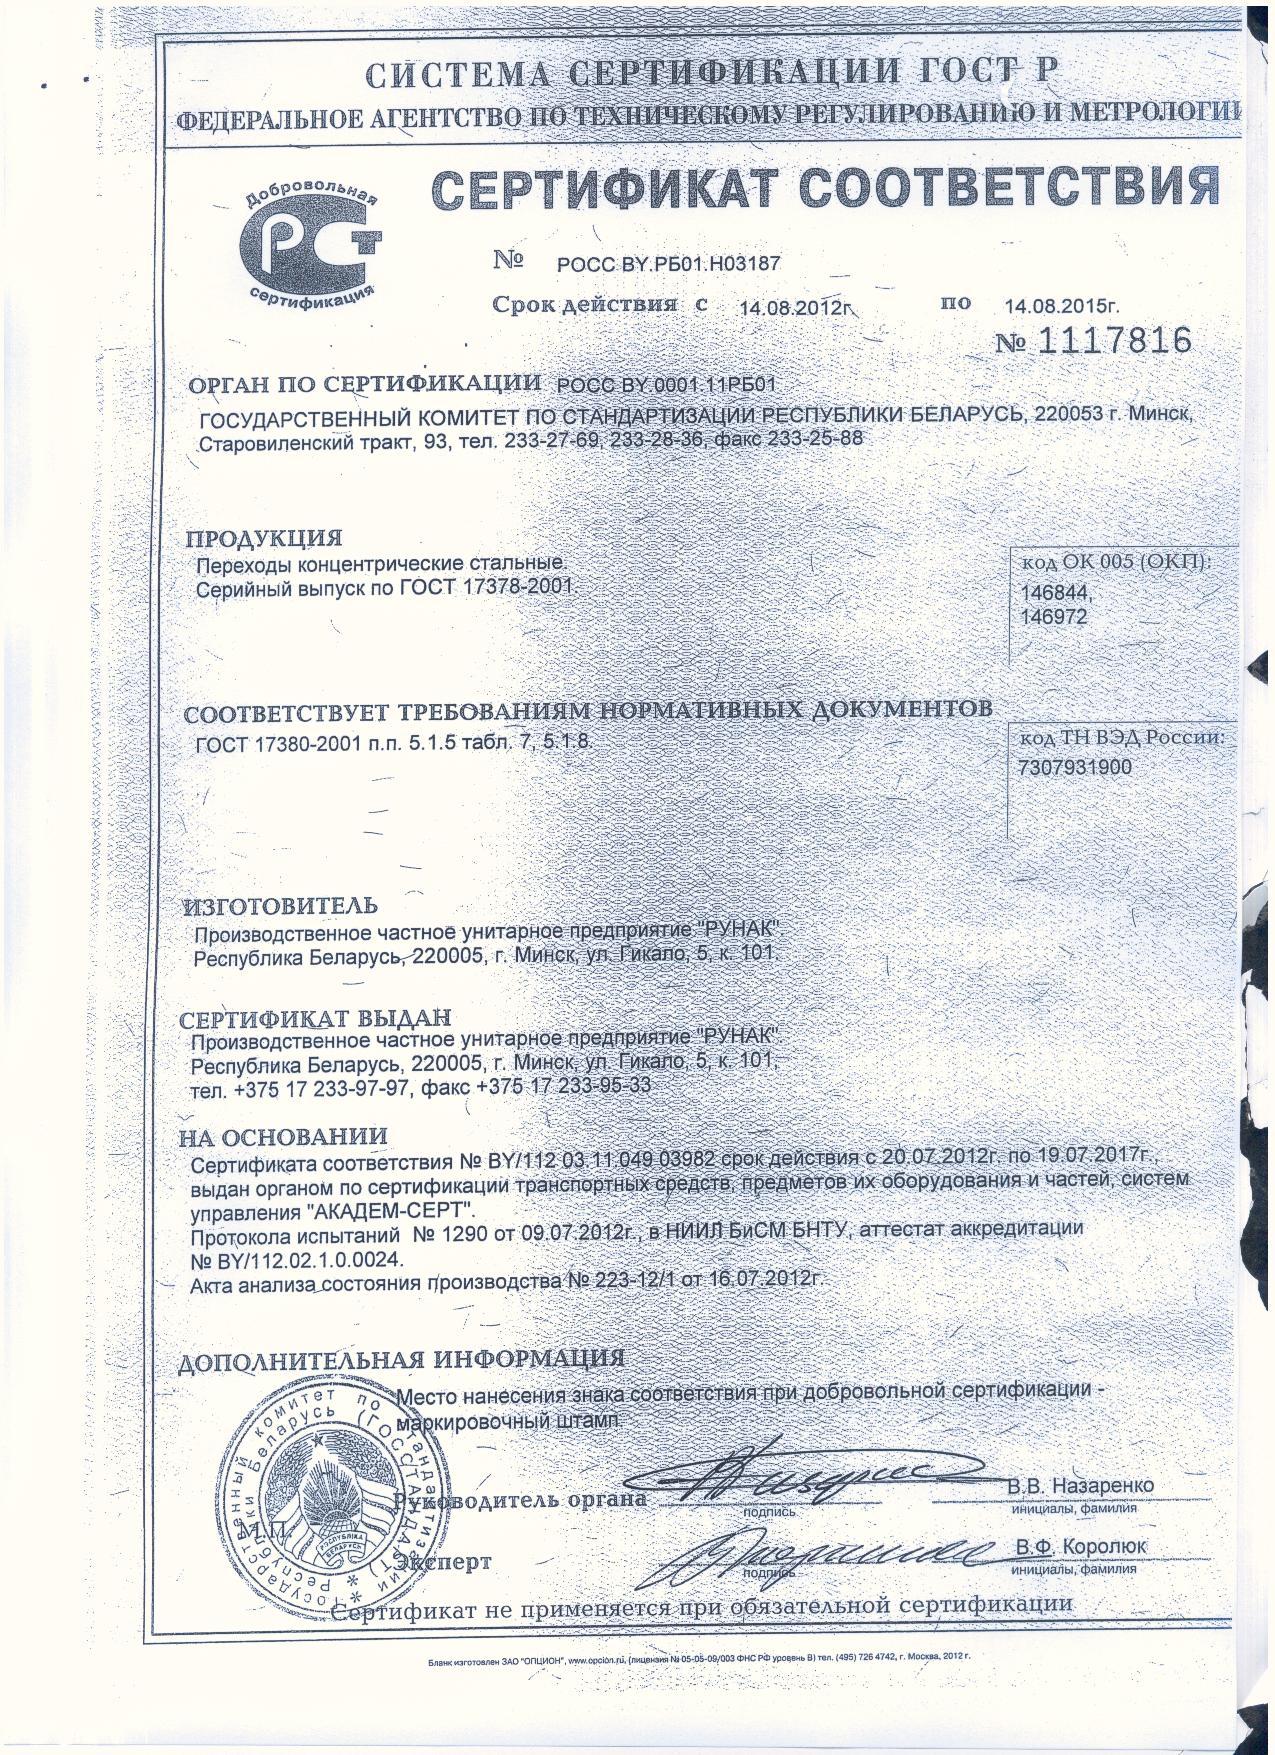 Сертификаты соответствия на отводы по гост 17375-2001 iso получение сертификата